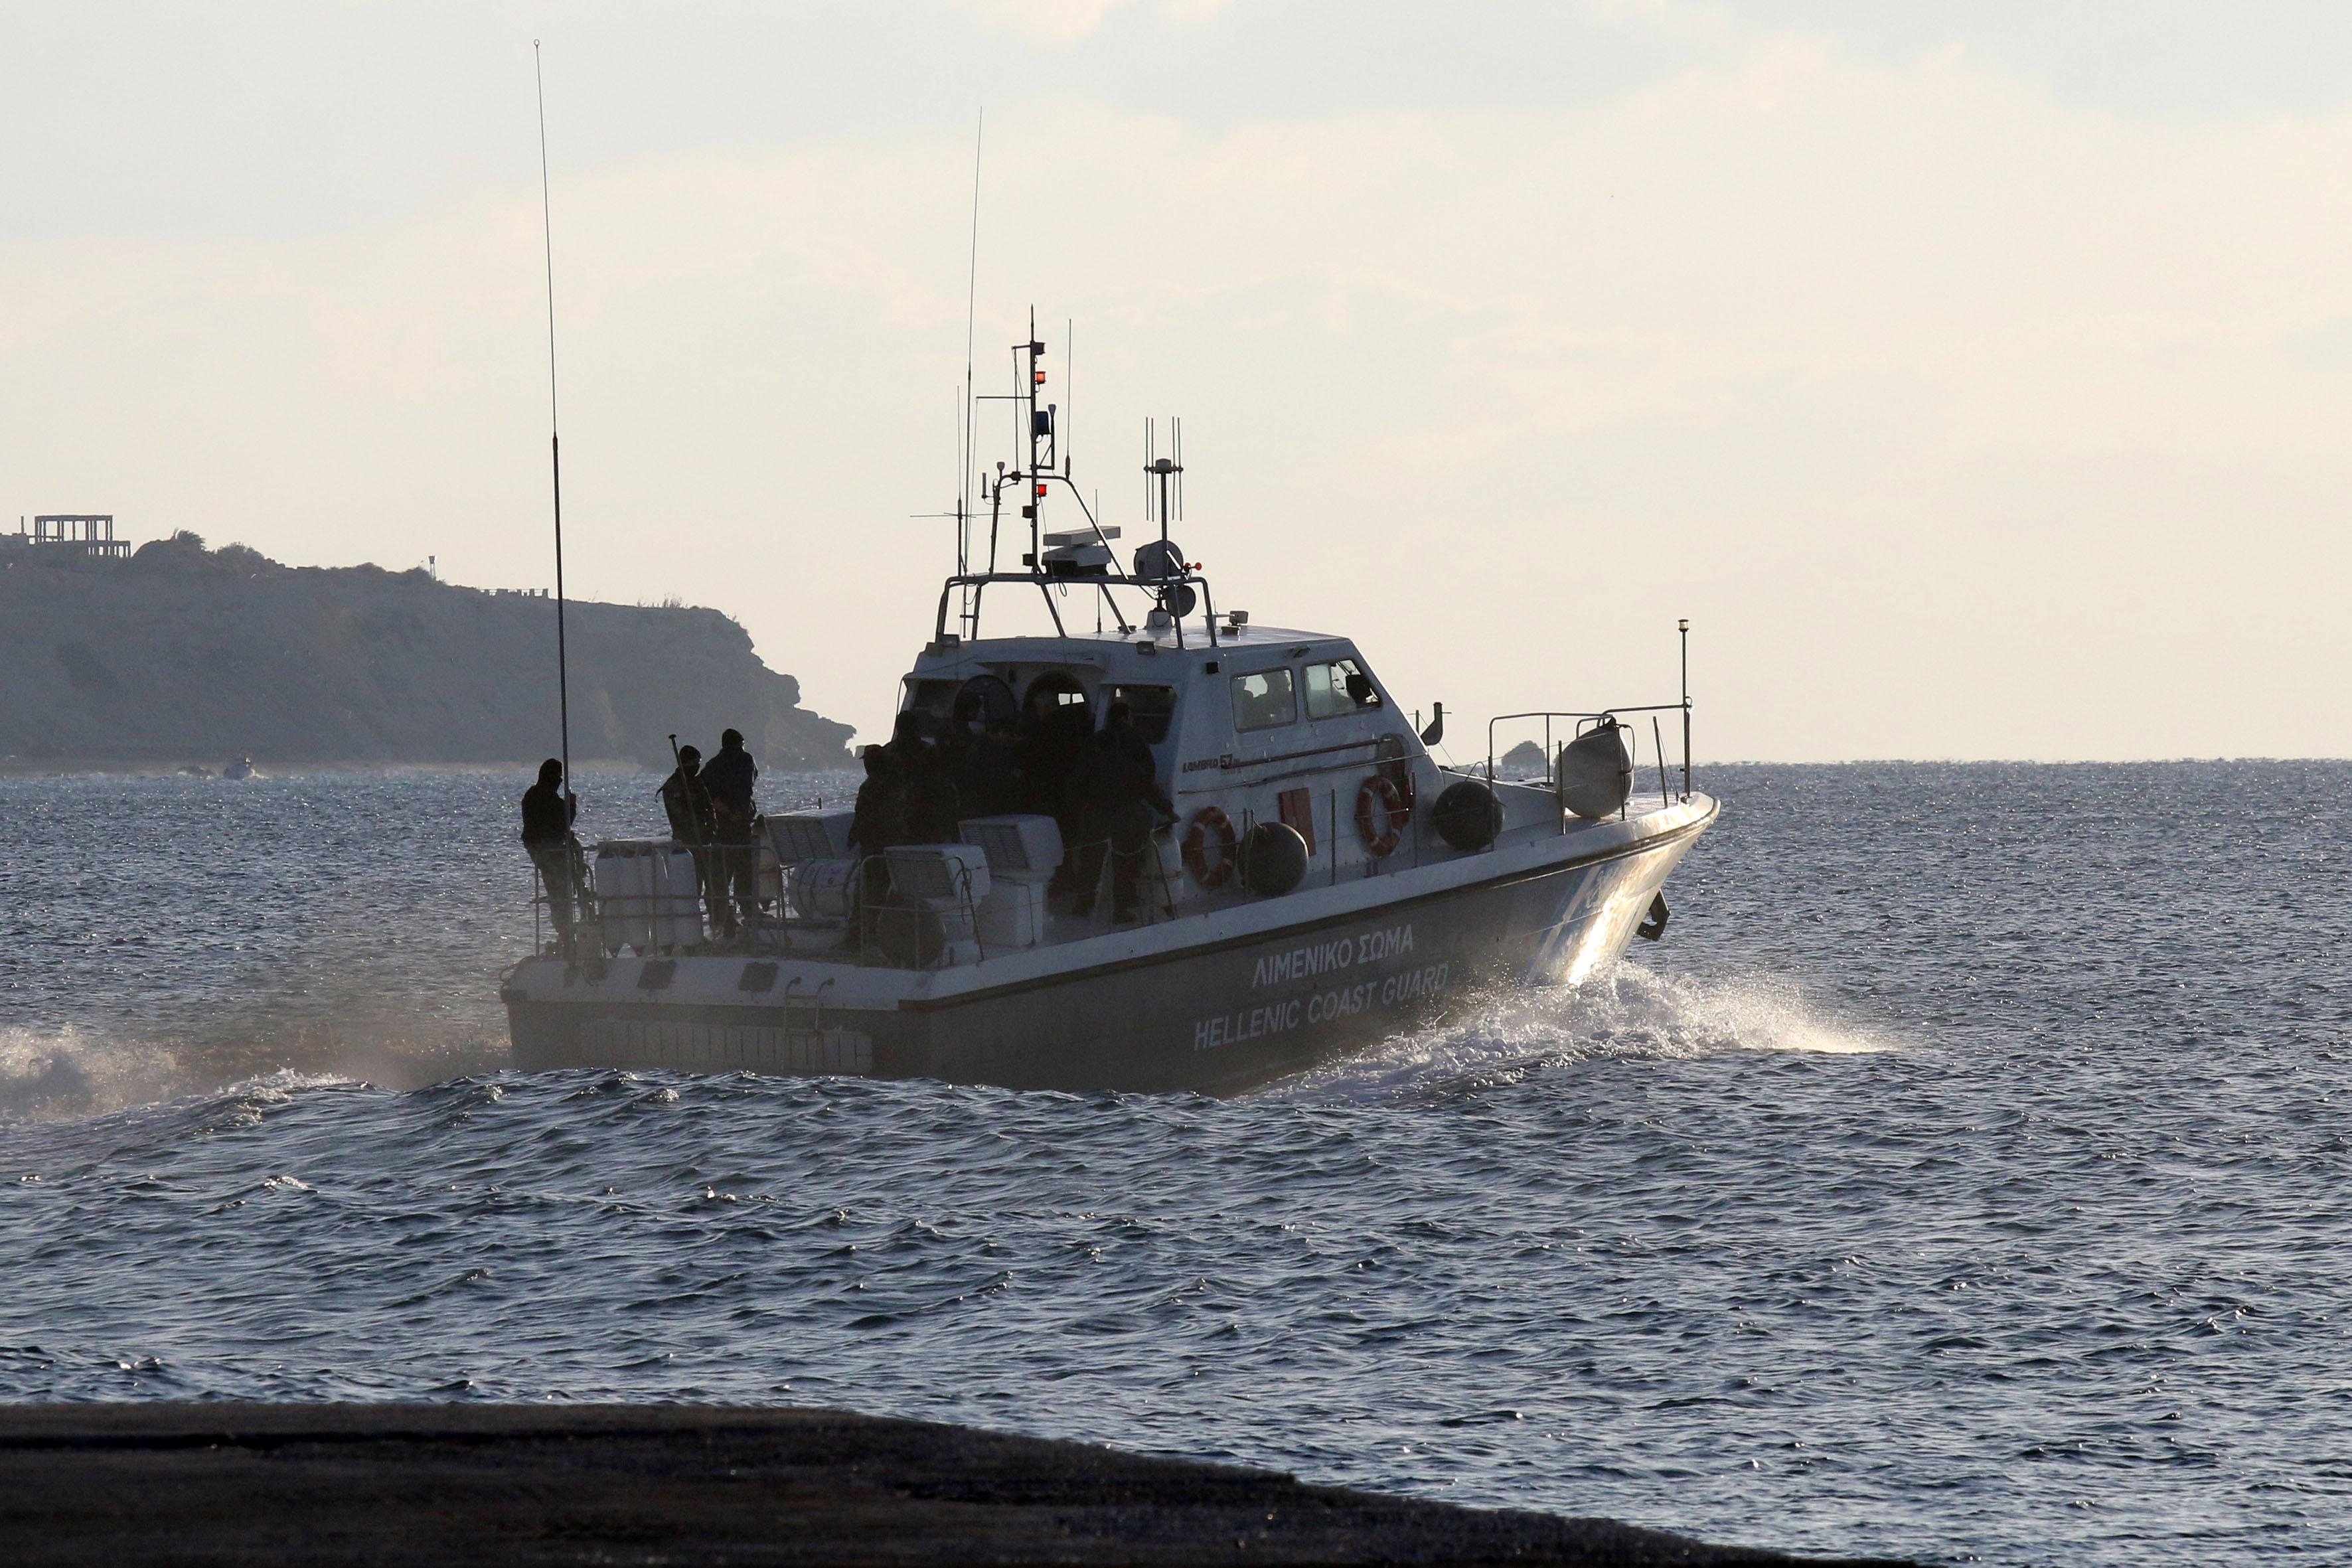 Τέσσερις νεκροί και εκατοντάδες αγνοούμενοι στην επιχείρηση διάσωσης μεταναστών ανοιχτά της Κρήτης   tovima.gr